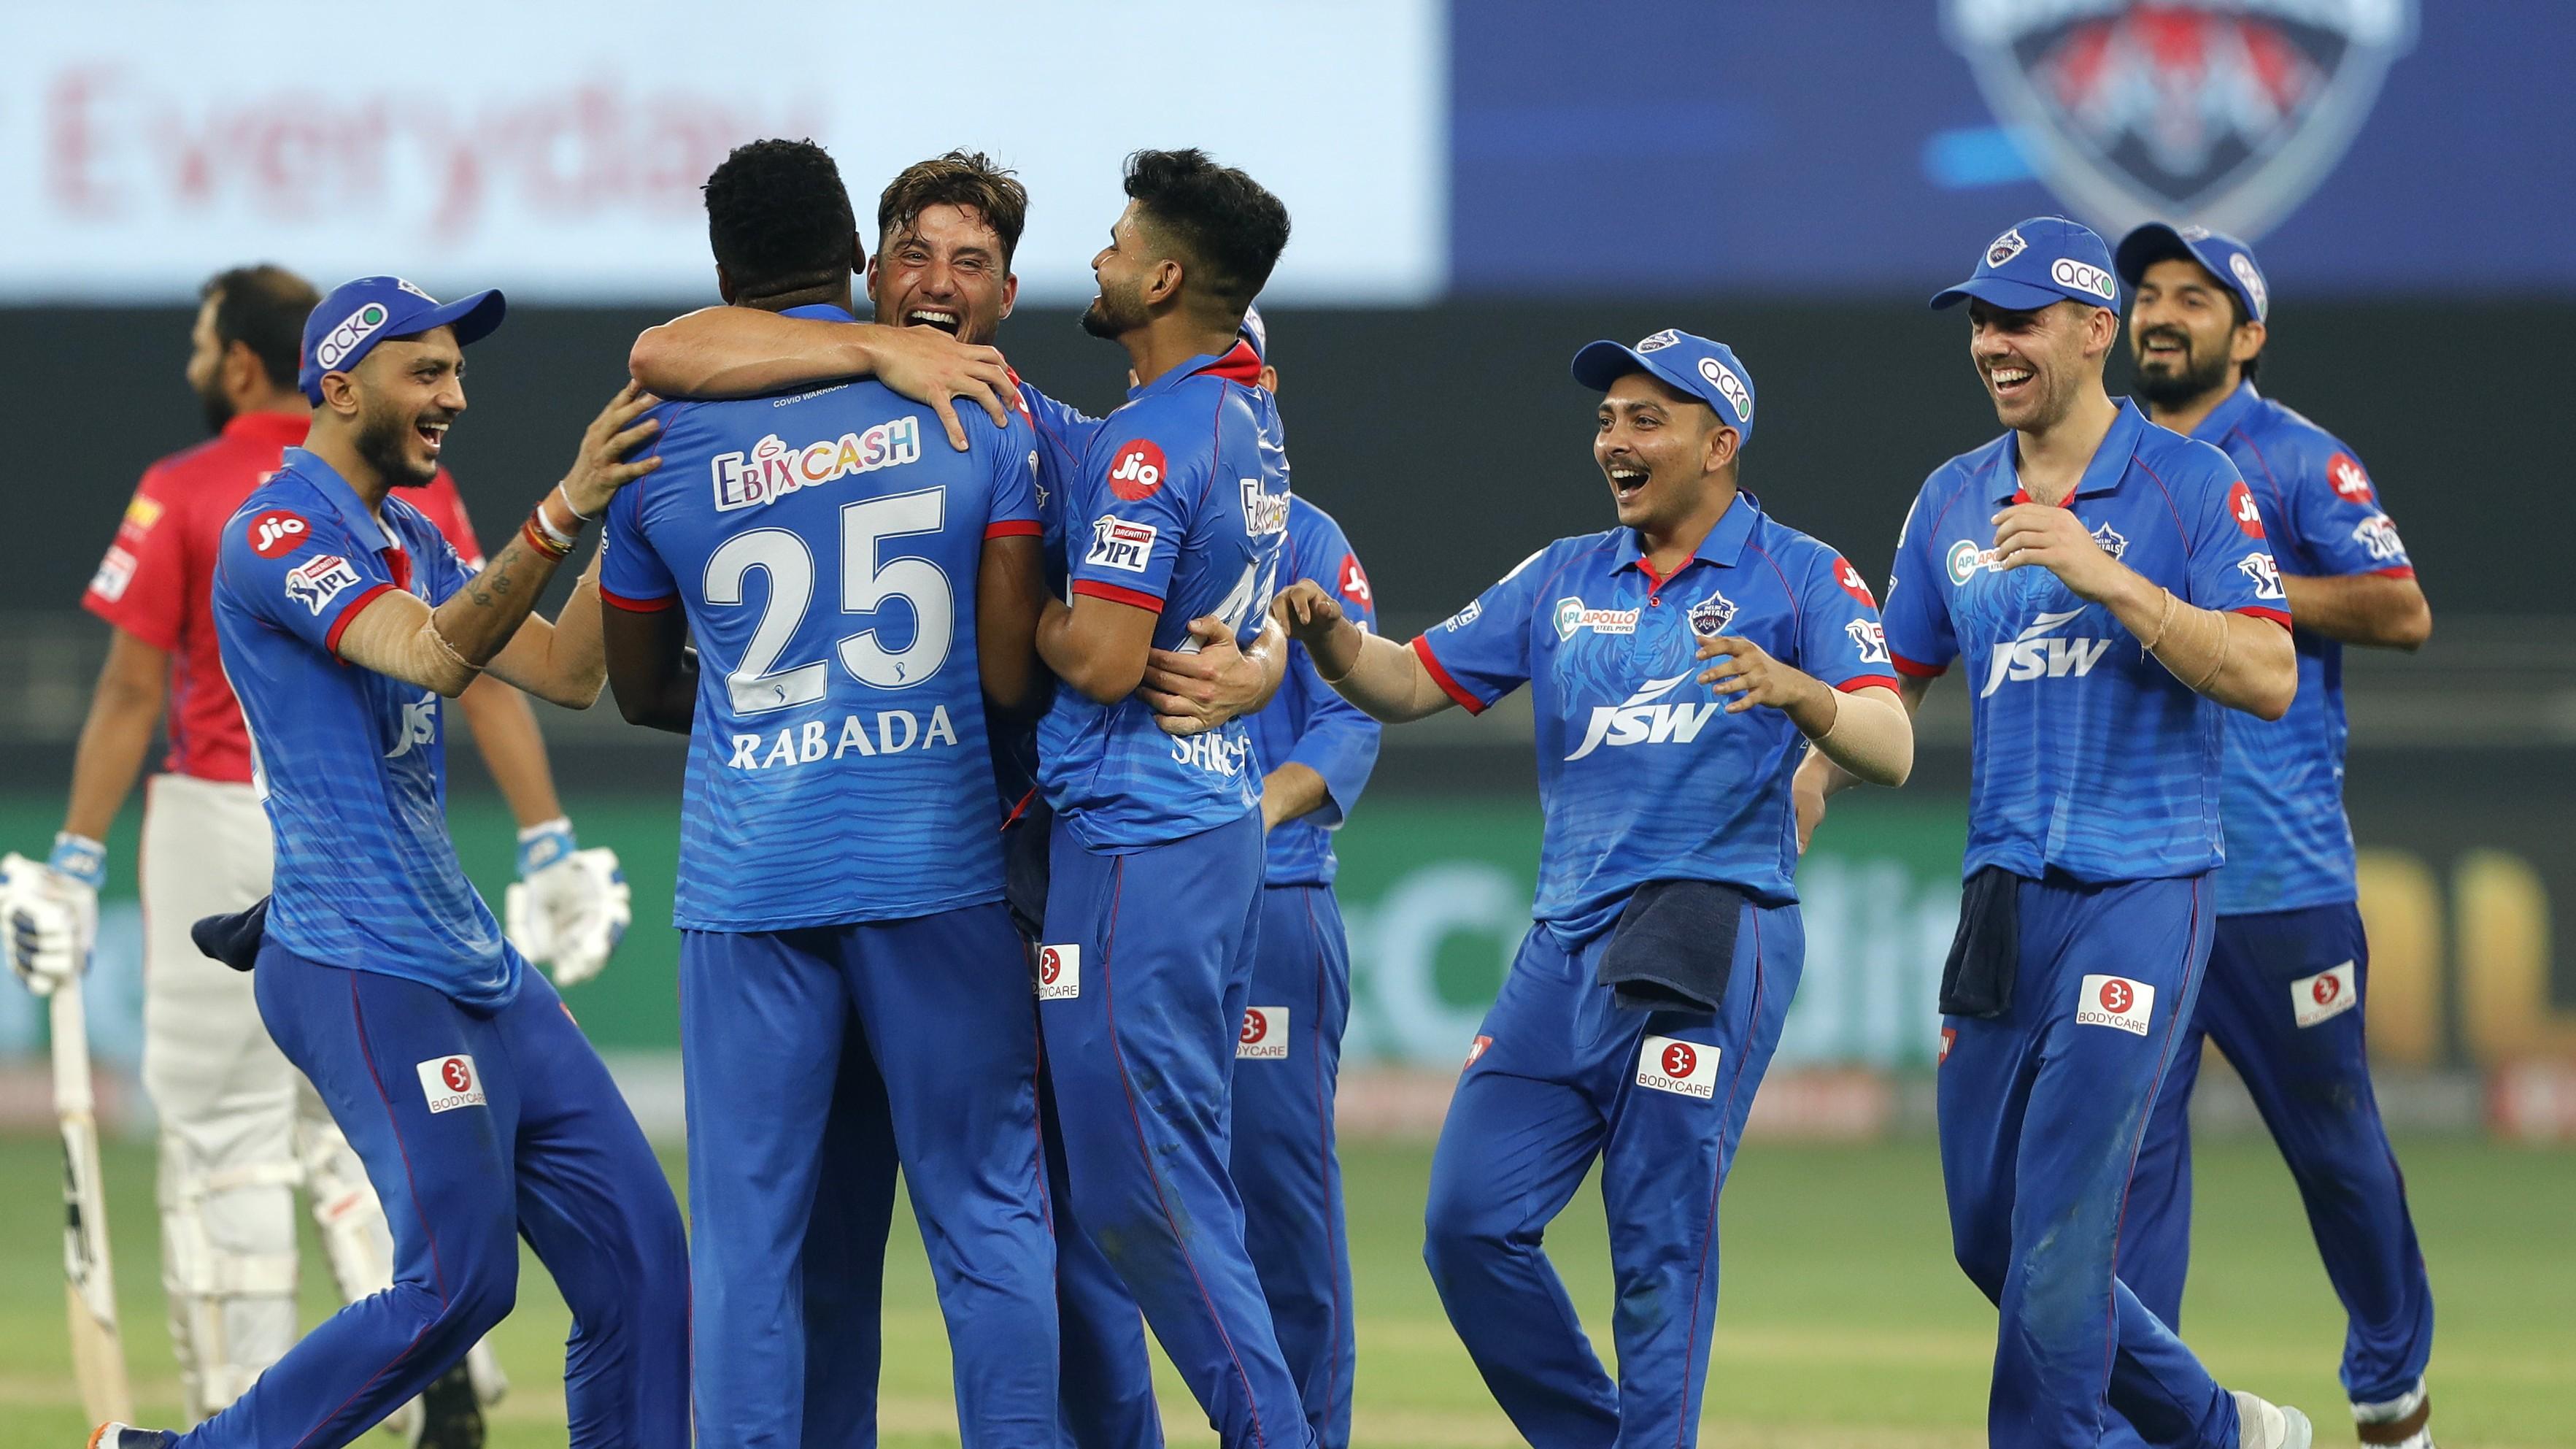 IPL 2020: Delhi Capitals (DC) - Statistical Highlights